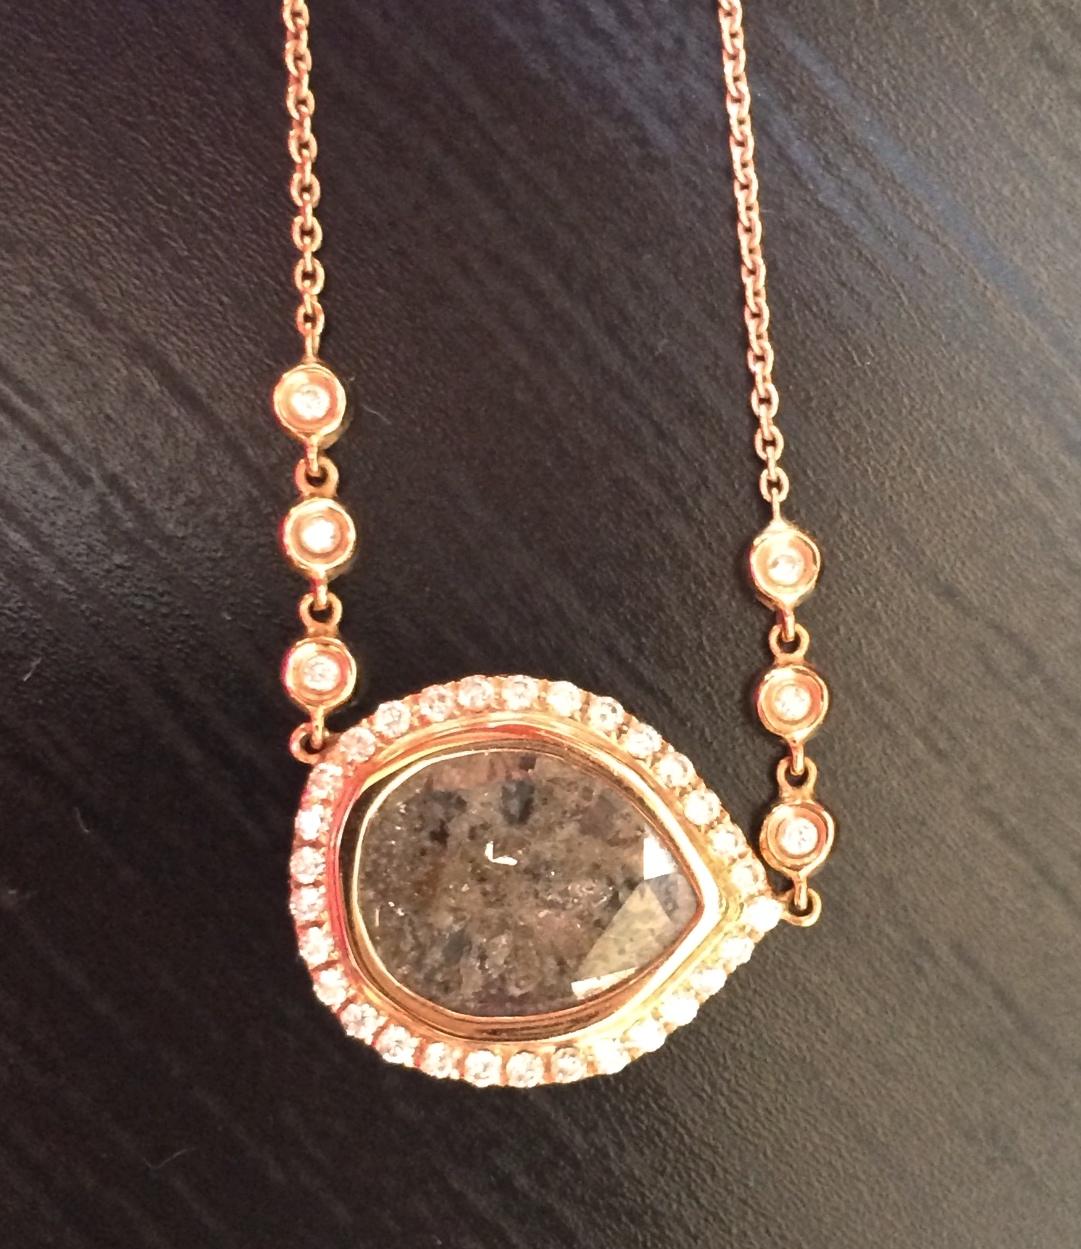 diamond-slice-alternative-diamond-fashion-pendant-unique-pendant-craft-revival-jewelry-store-grand-rapids